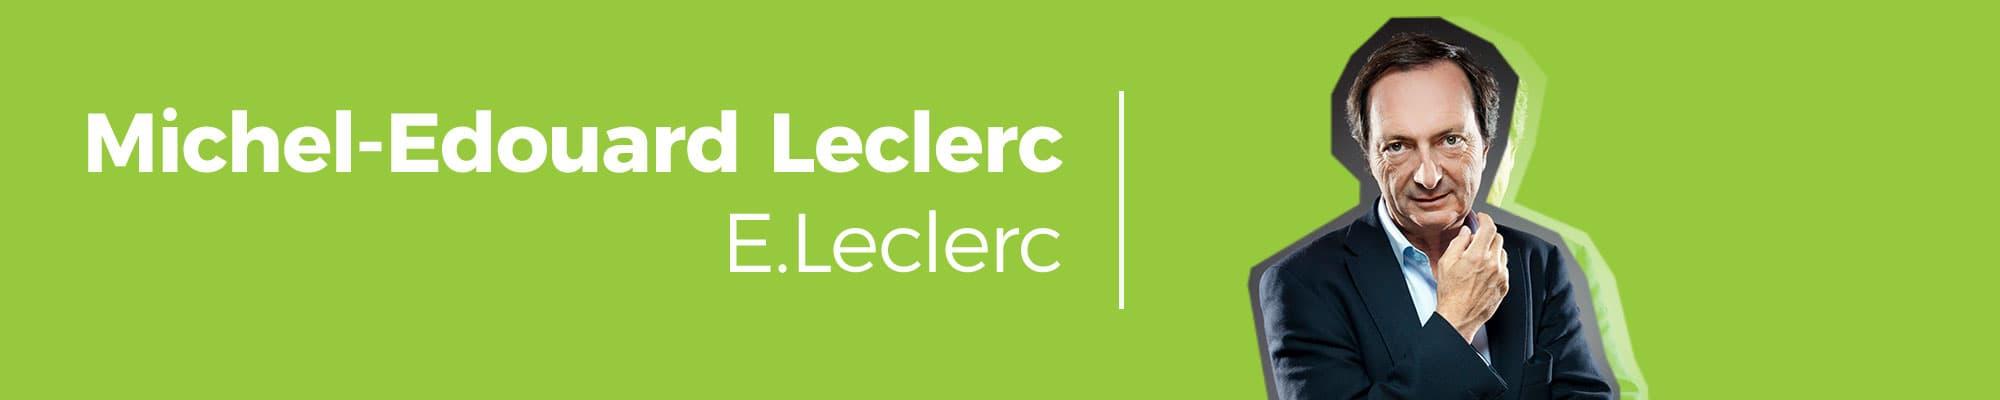 Michel Edouard Leclerc entrepreneur inspirant président groupe Leclerc